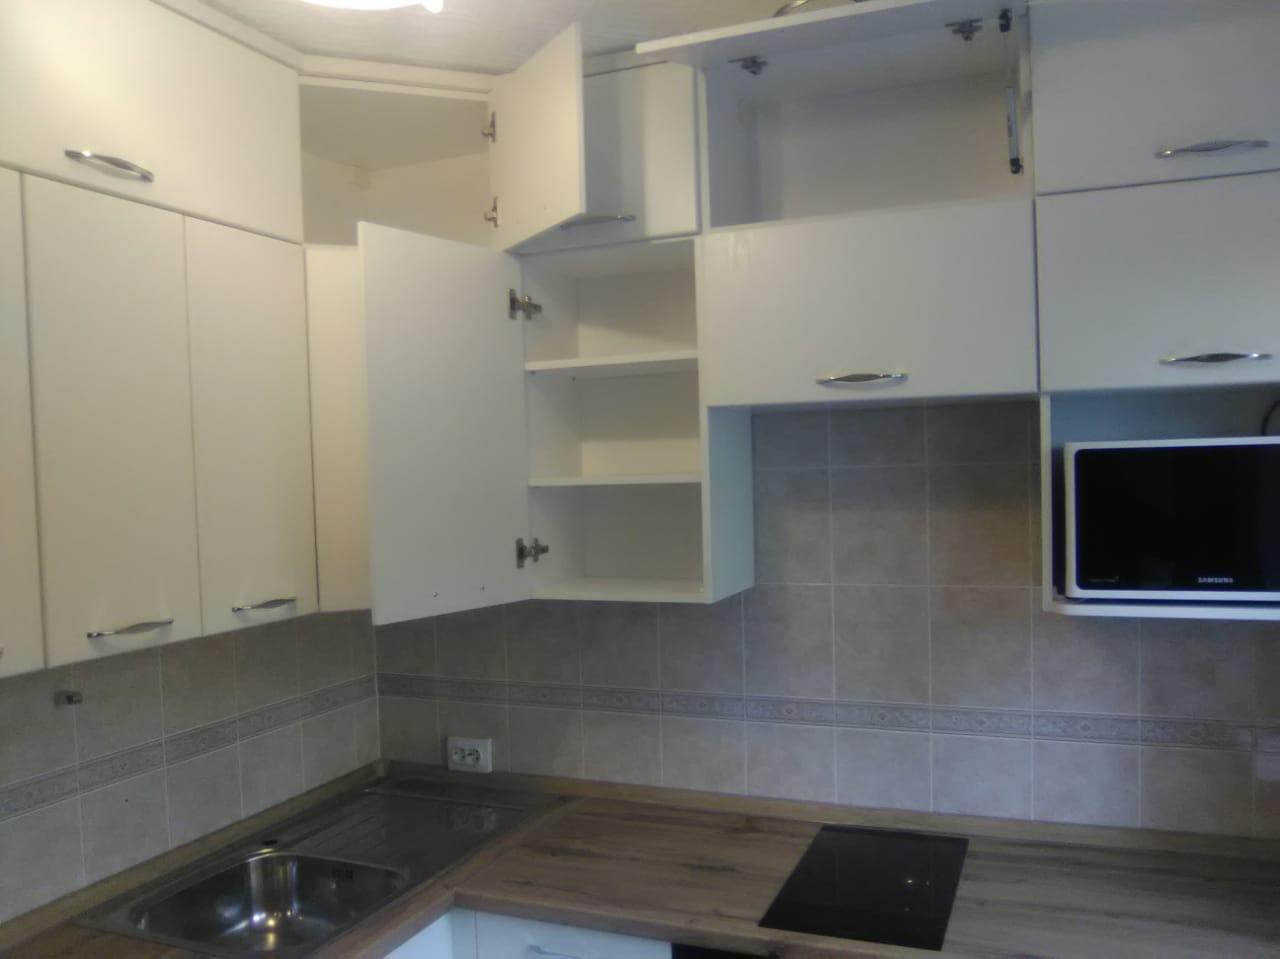 Уютная кухня со встроенной техникой на заказ в Новосибирске6